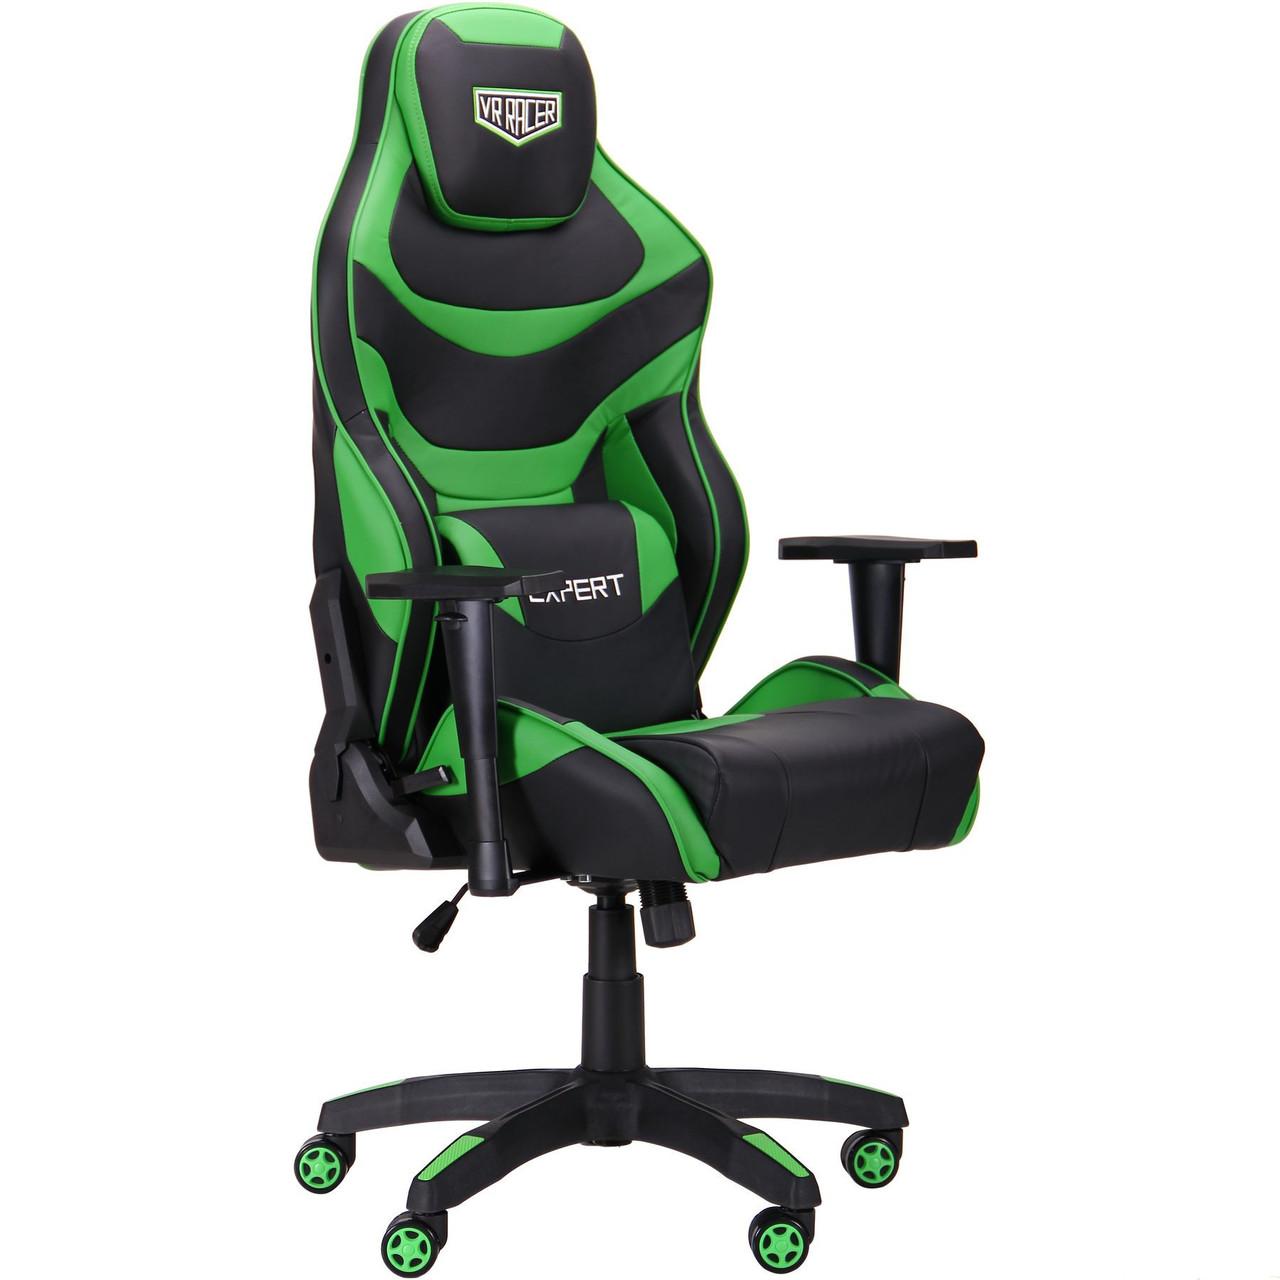 Геймерское кресло VR Racer Expert Champion черный/зеленый